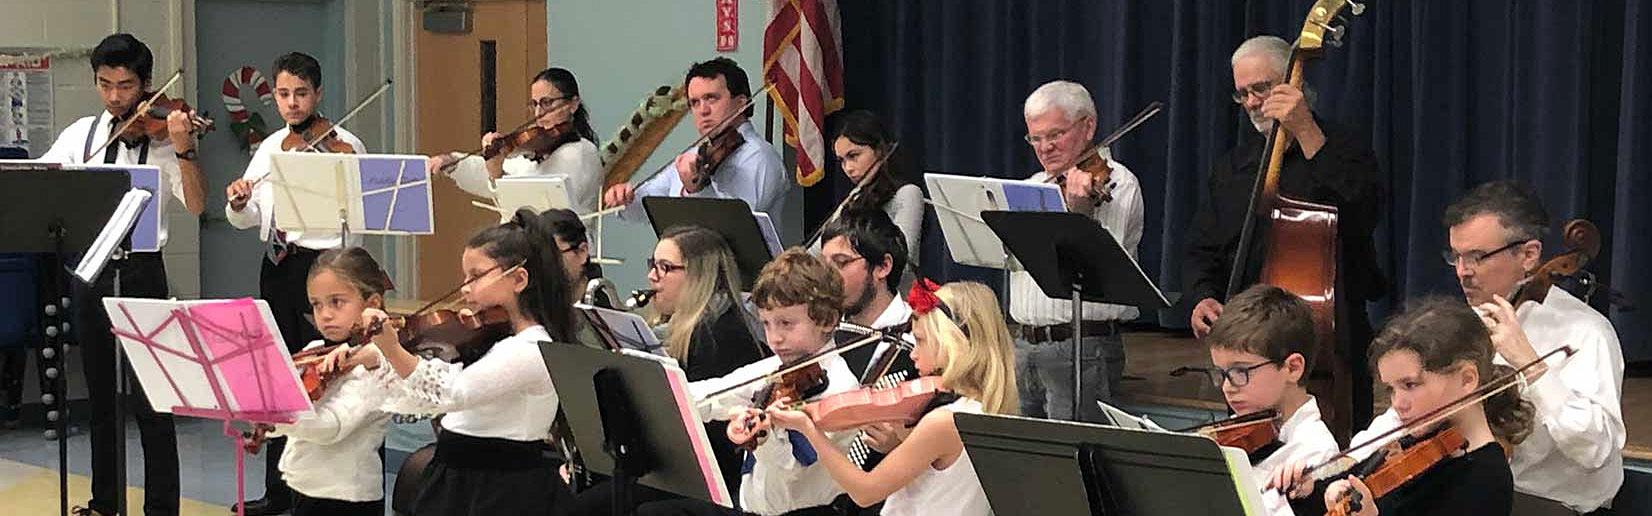 video-fiddle-club